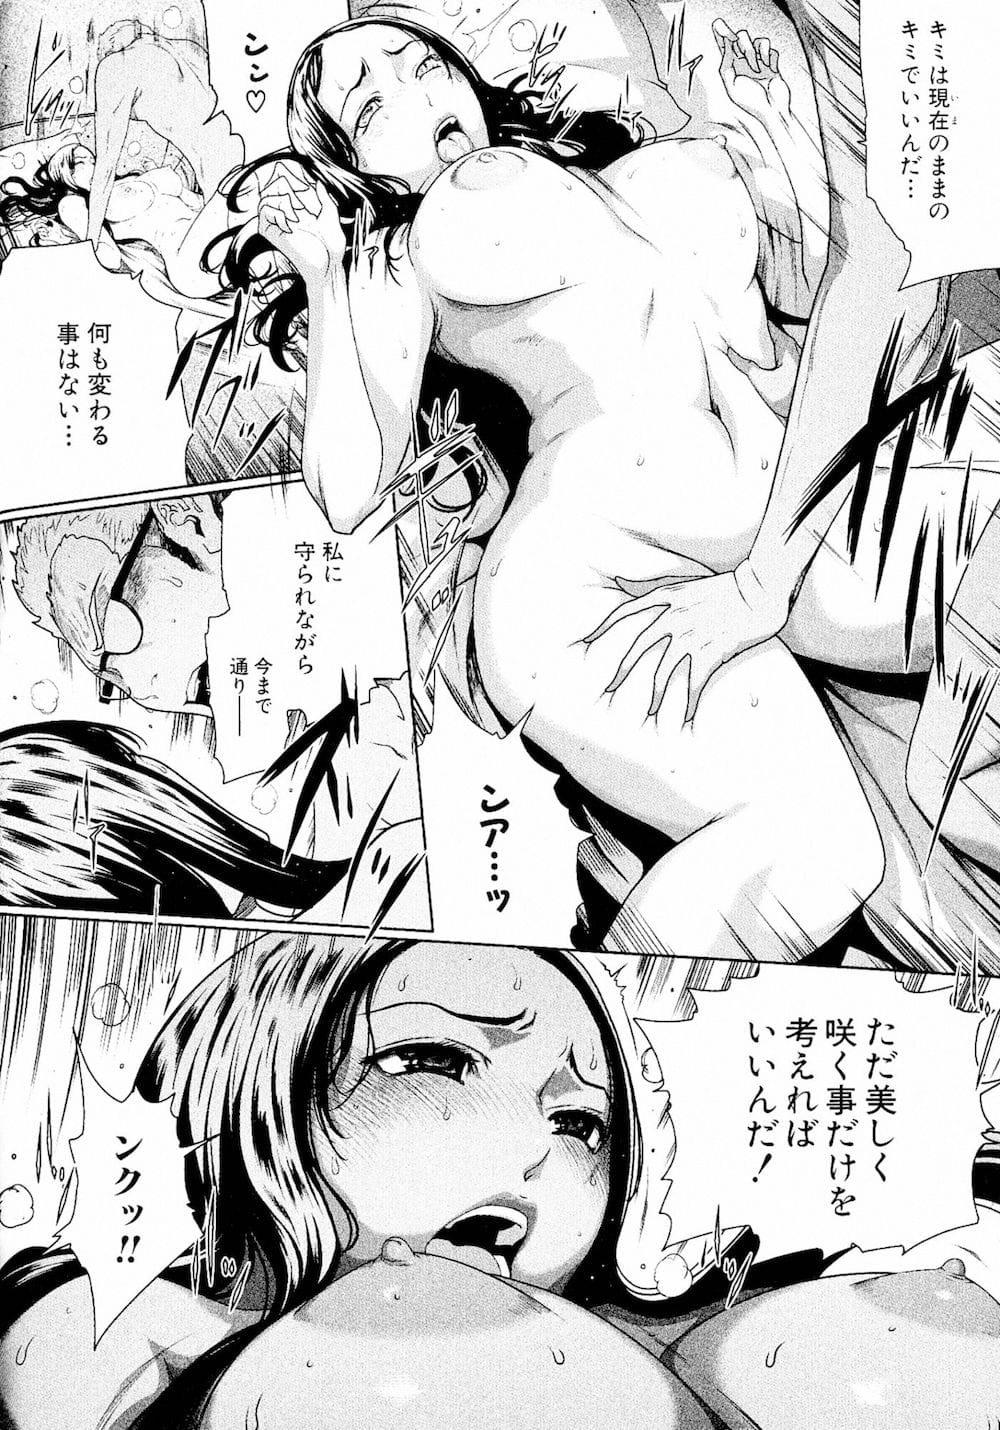 【エロ漫画・同人誌】他の男とセックスをしたことを知り義母を家で強引に犯すwww 018